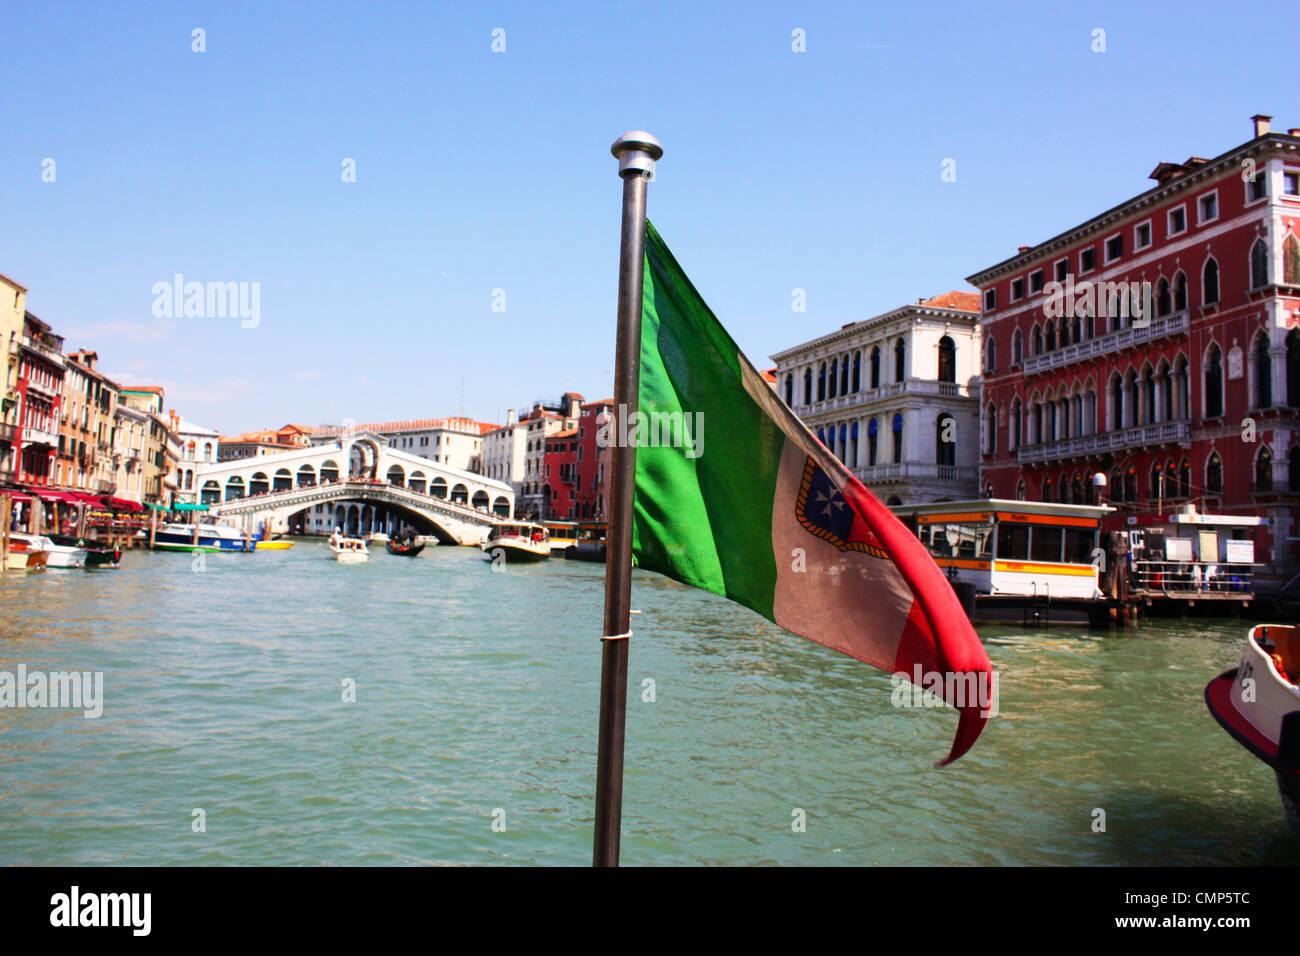 Rialto bridge and flag Venice, Italy Stock Photo